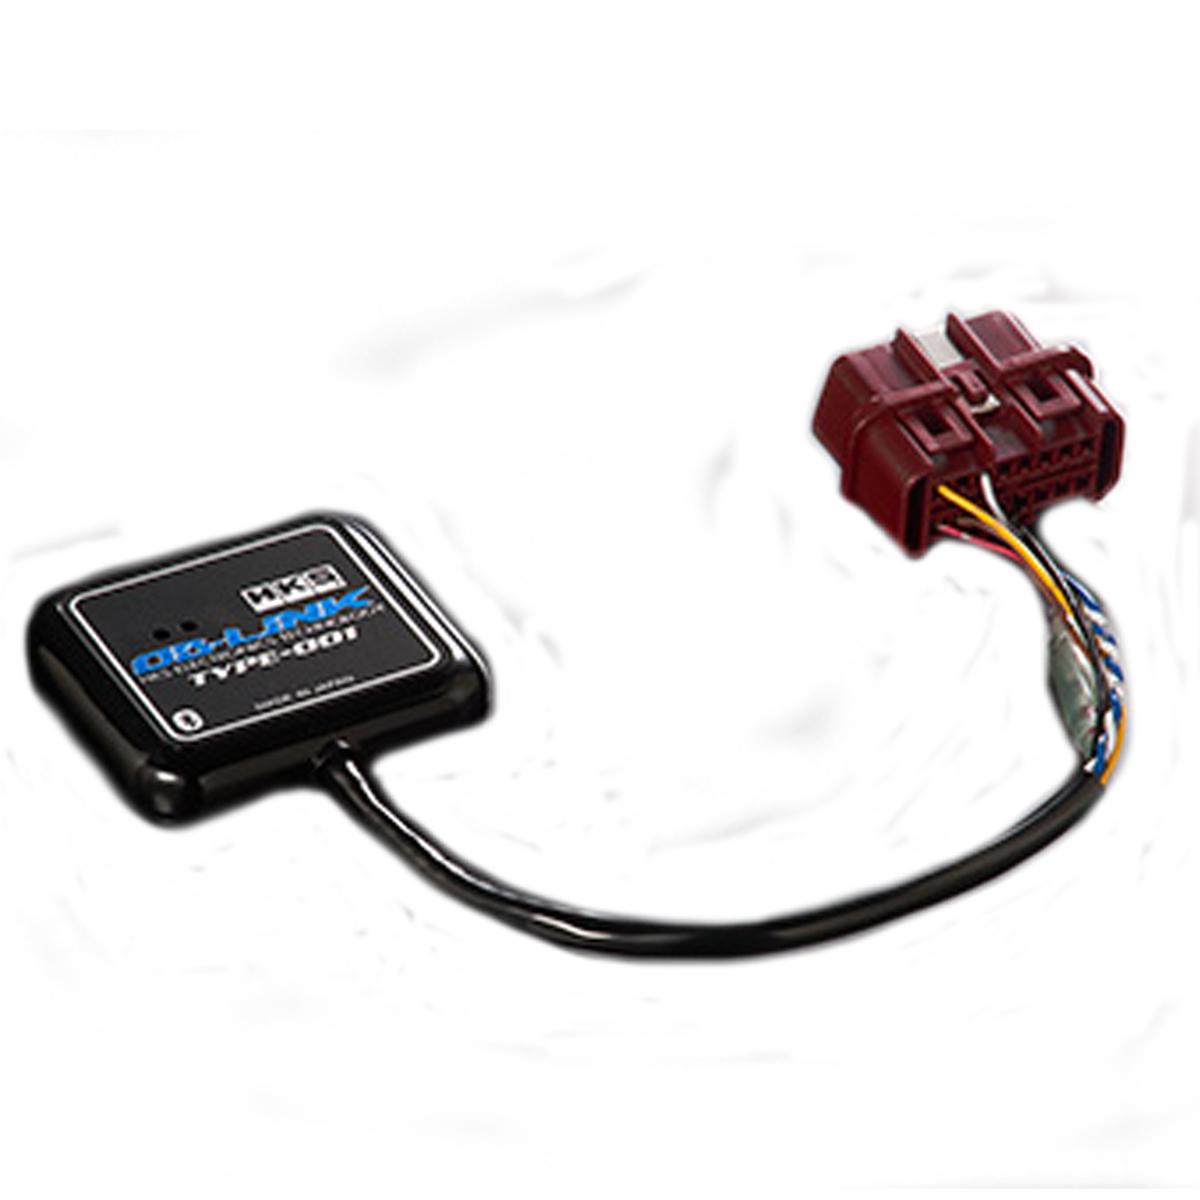 Will Vi モニター Will OBリンク タイプ NCP19 モニター 001 NCP19 HKS 44009-AK002 エレクトリニクス, タカラトミーモール:241646c2 --- sunward.msk.ru